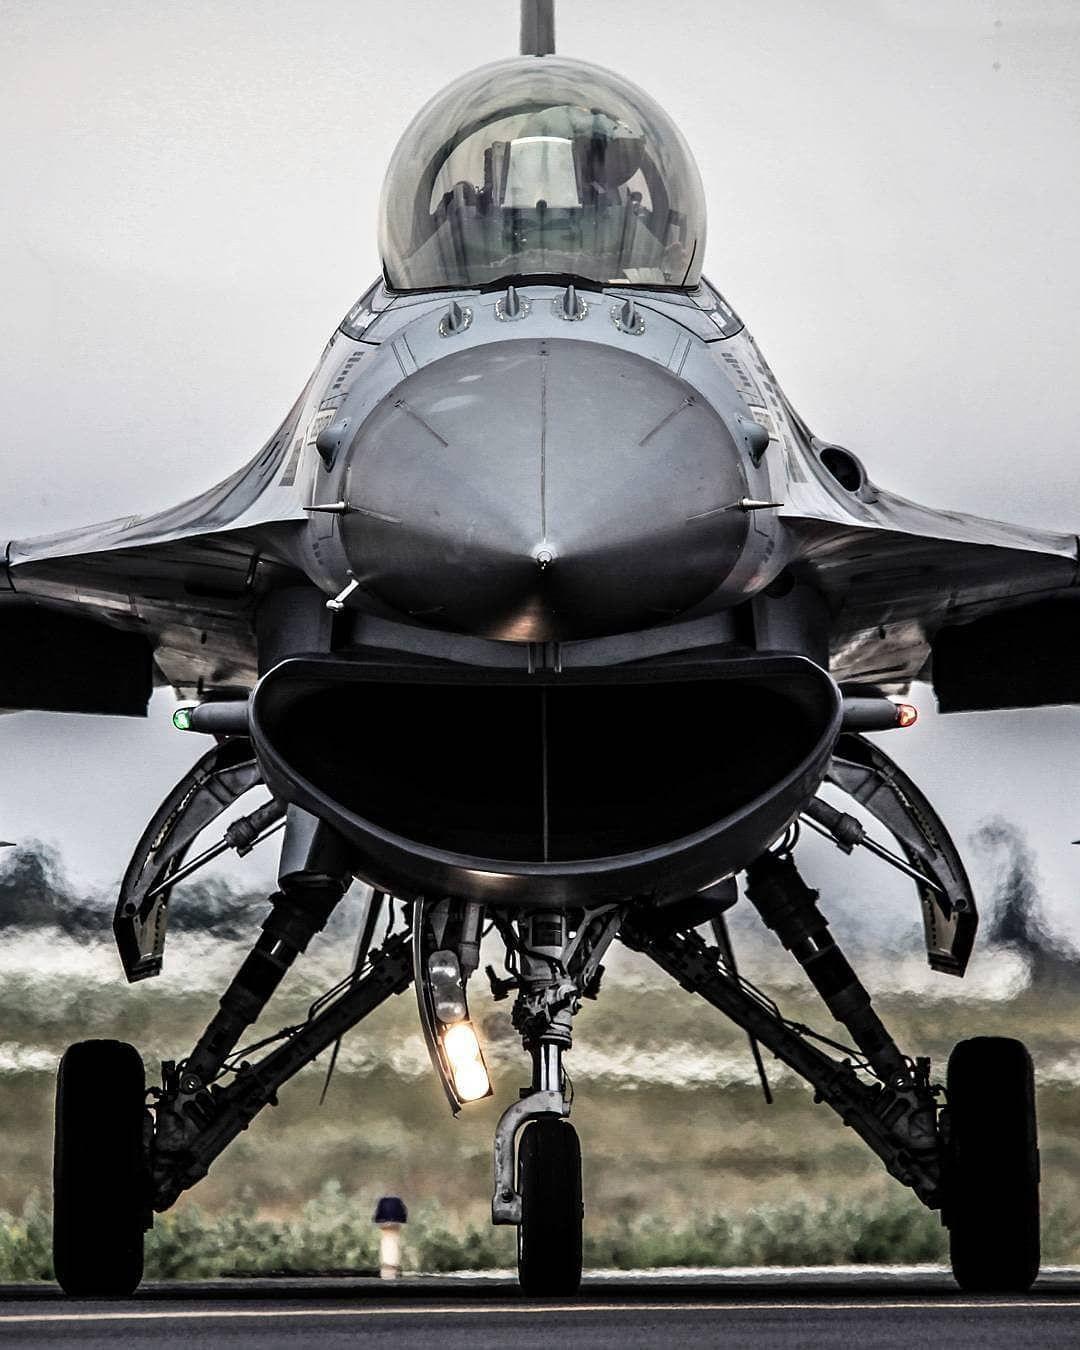 F 16 Heybetli Durusuyla Farelikoyunfotografcisi Turkhavakuvvetleri Flying Flight Air Fighter Jets Fighter Aircraft Fighter Pilot